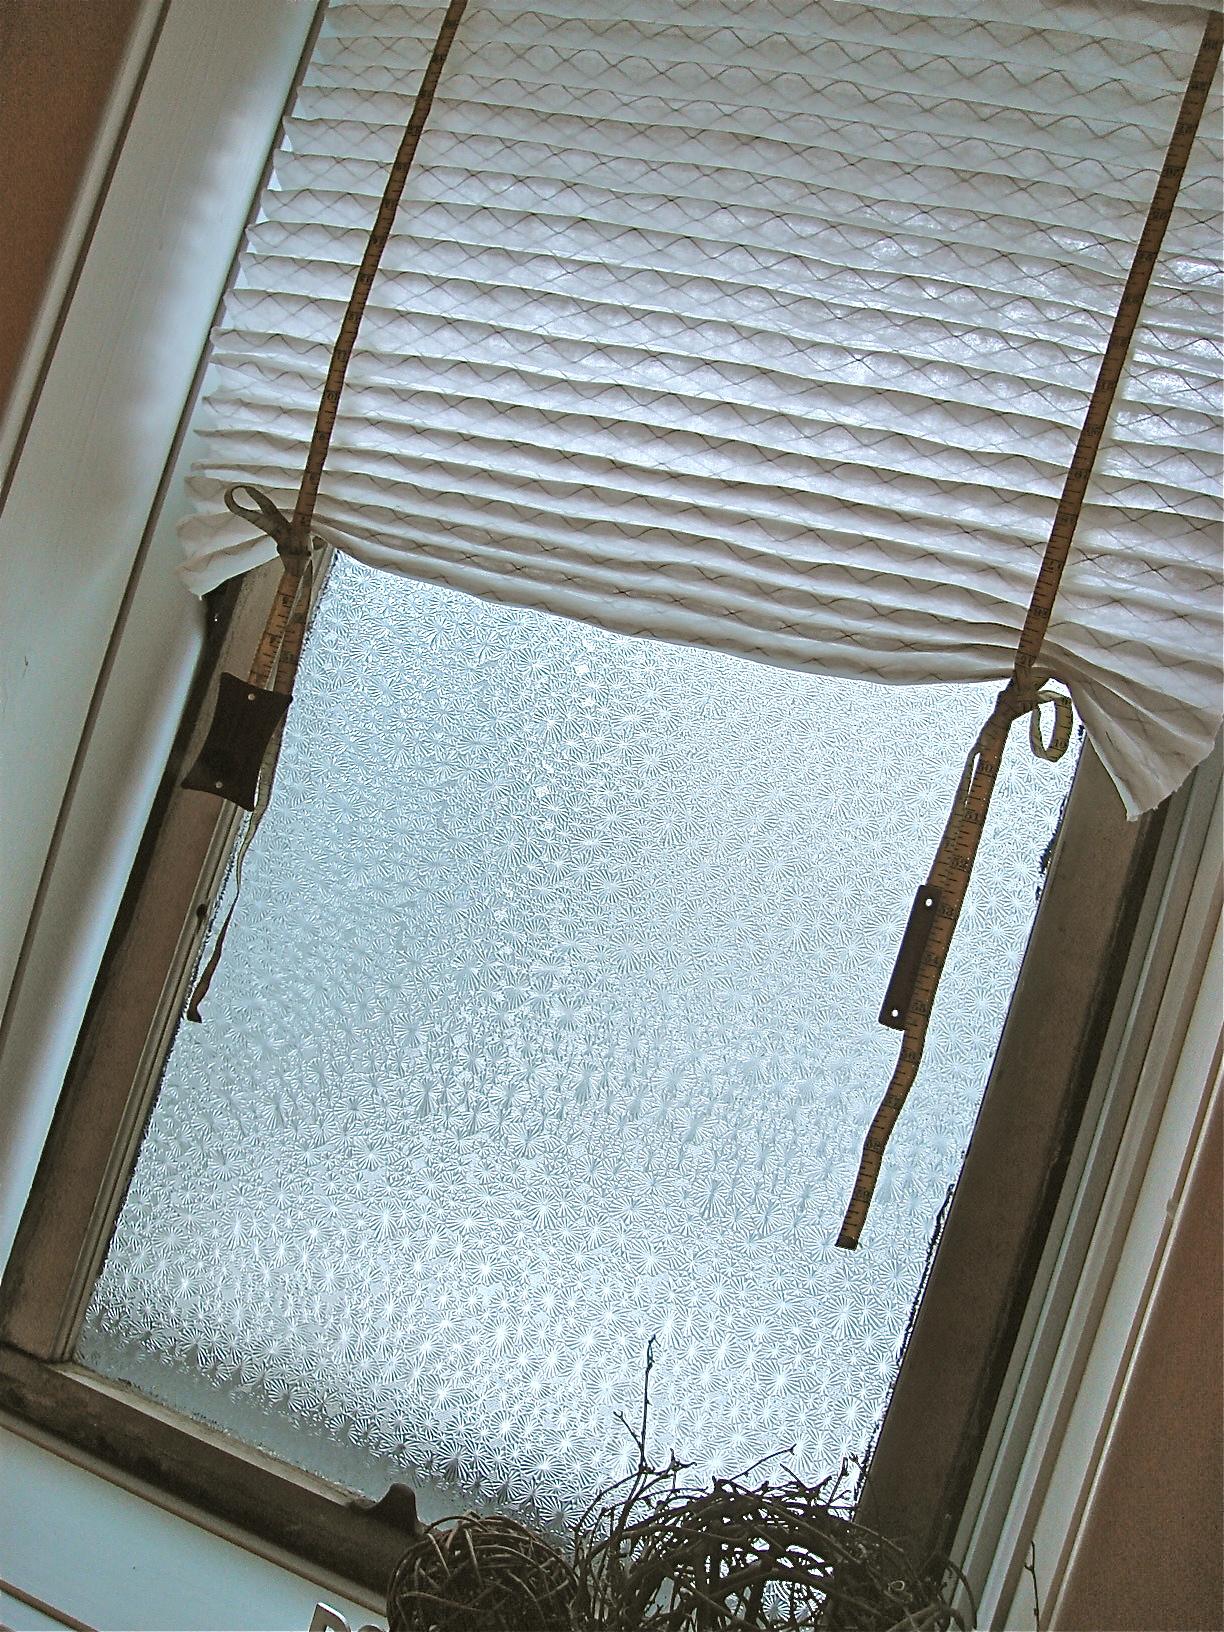 a make-do window treatment!